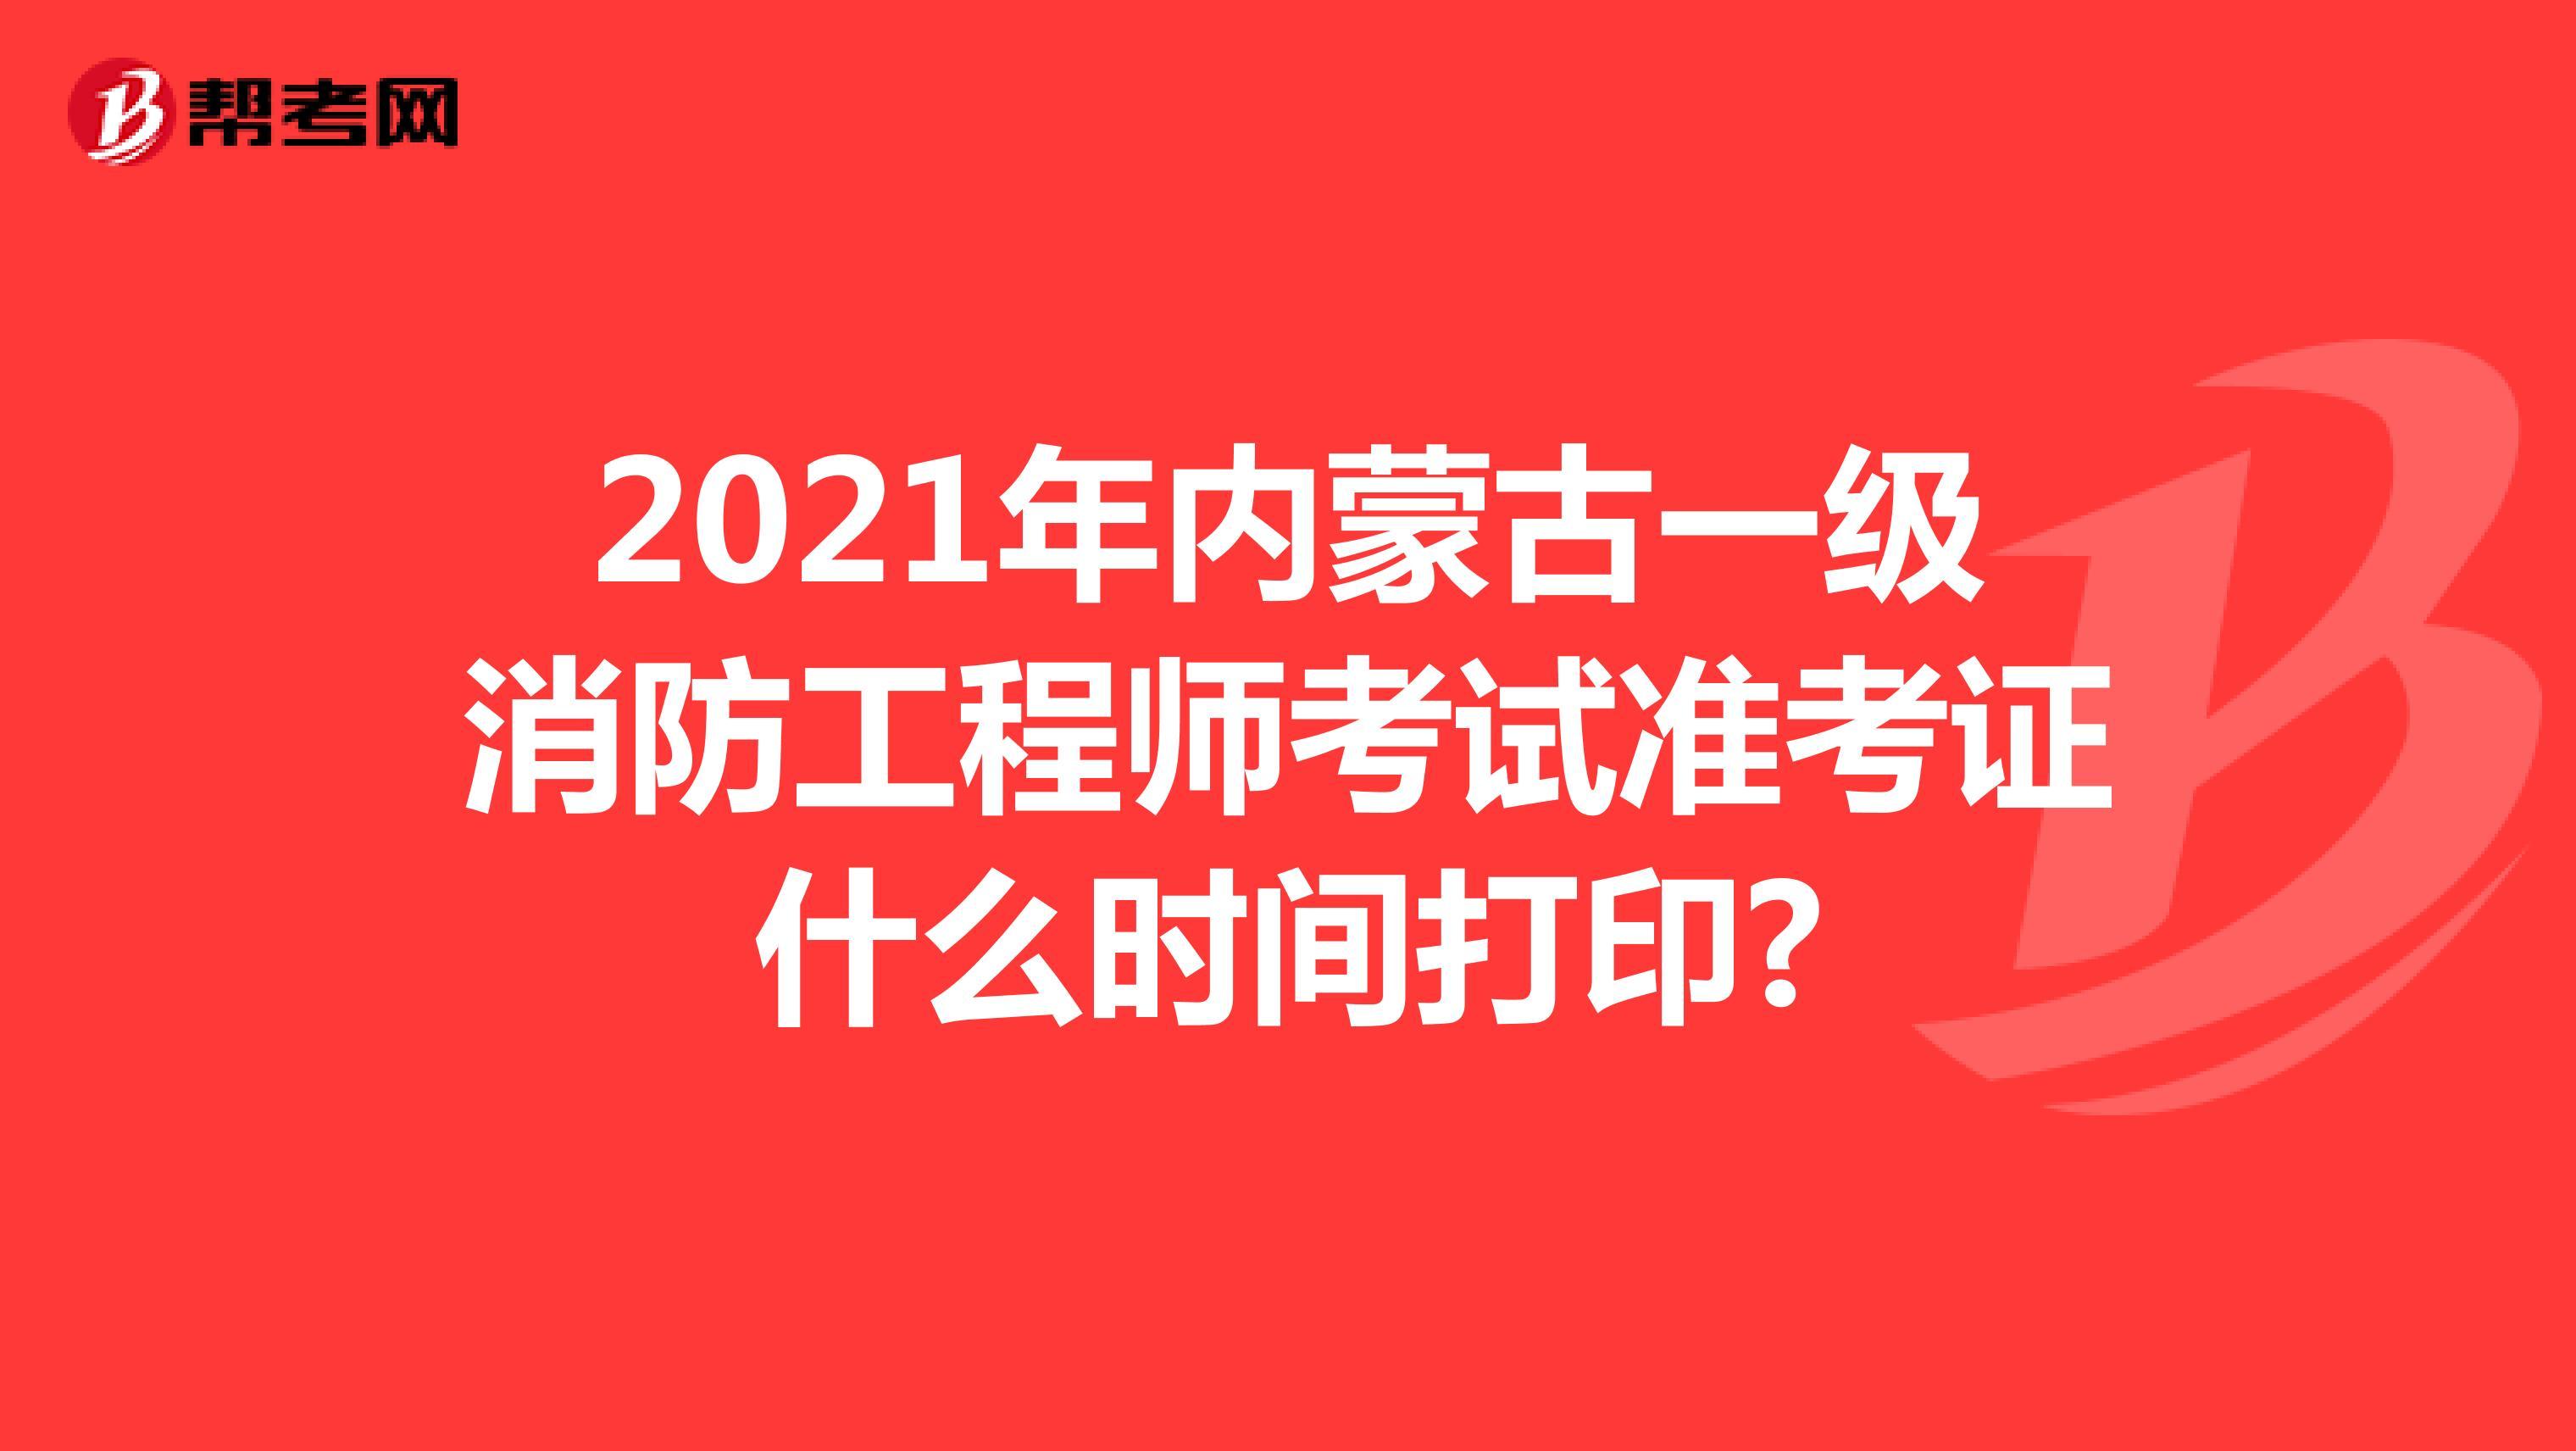 2021年内蒙古一级消防工程师考试准考证什么时间打印?